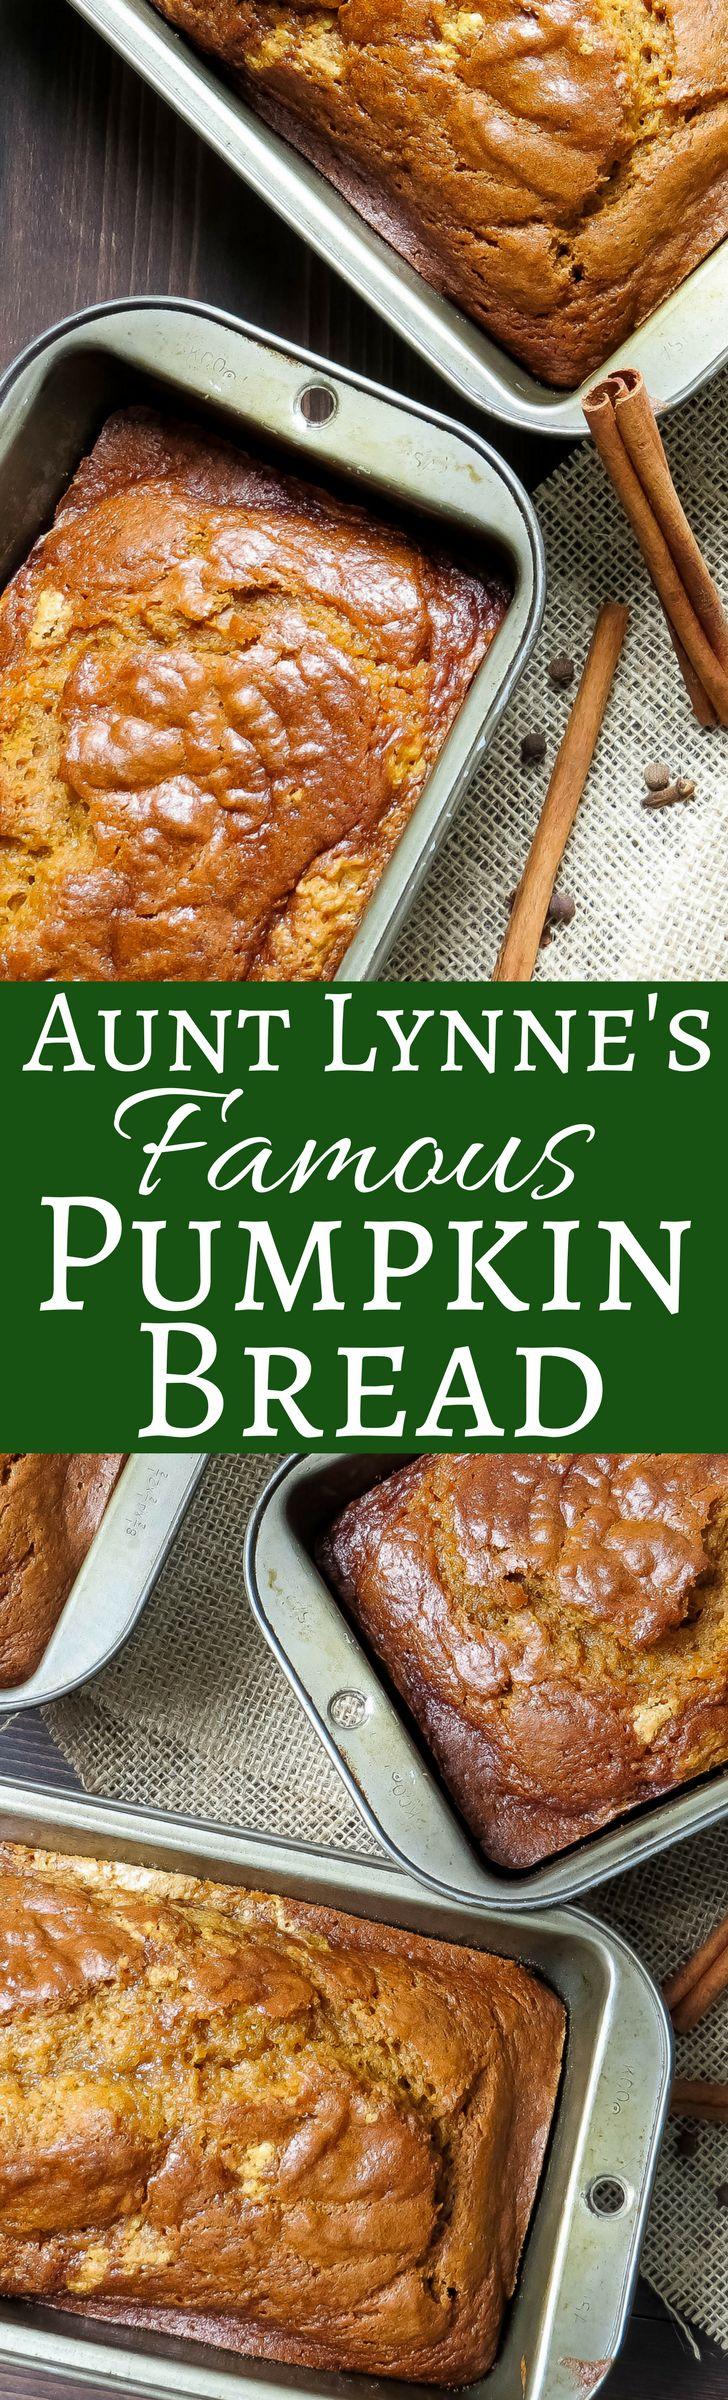 aunt-lynnes-famous-pumpkin-bread